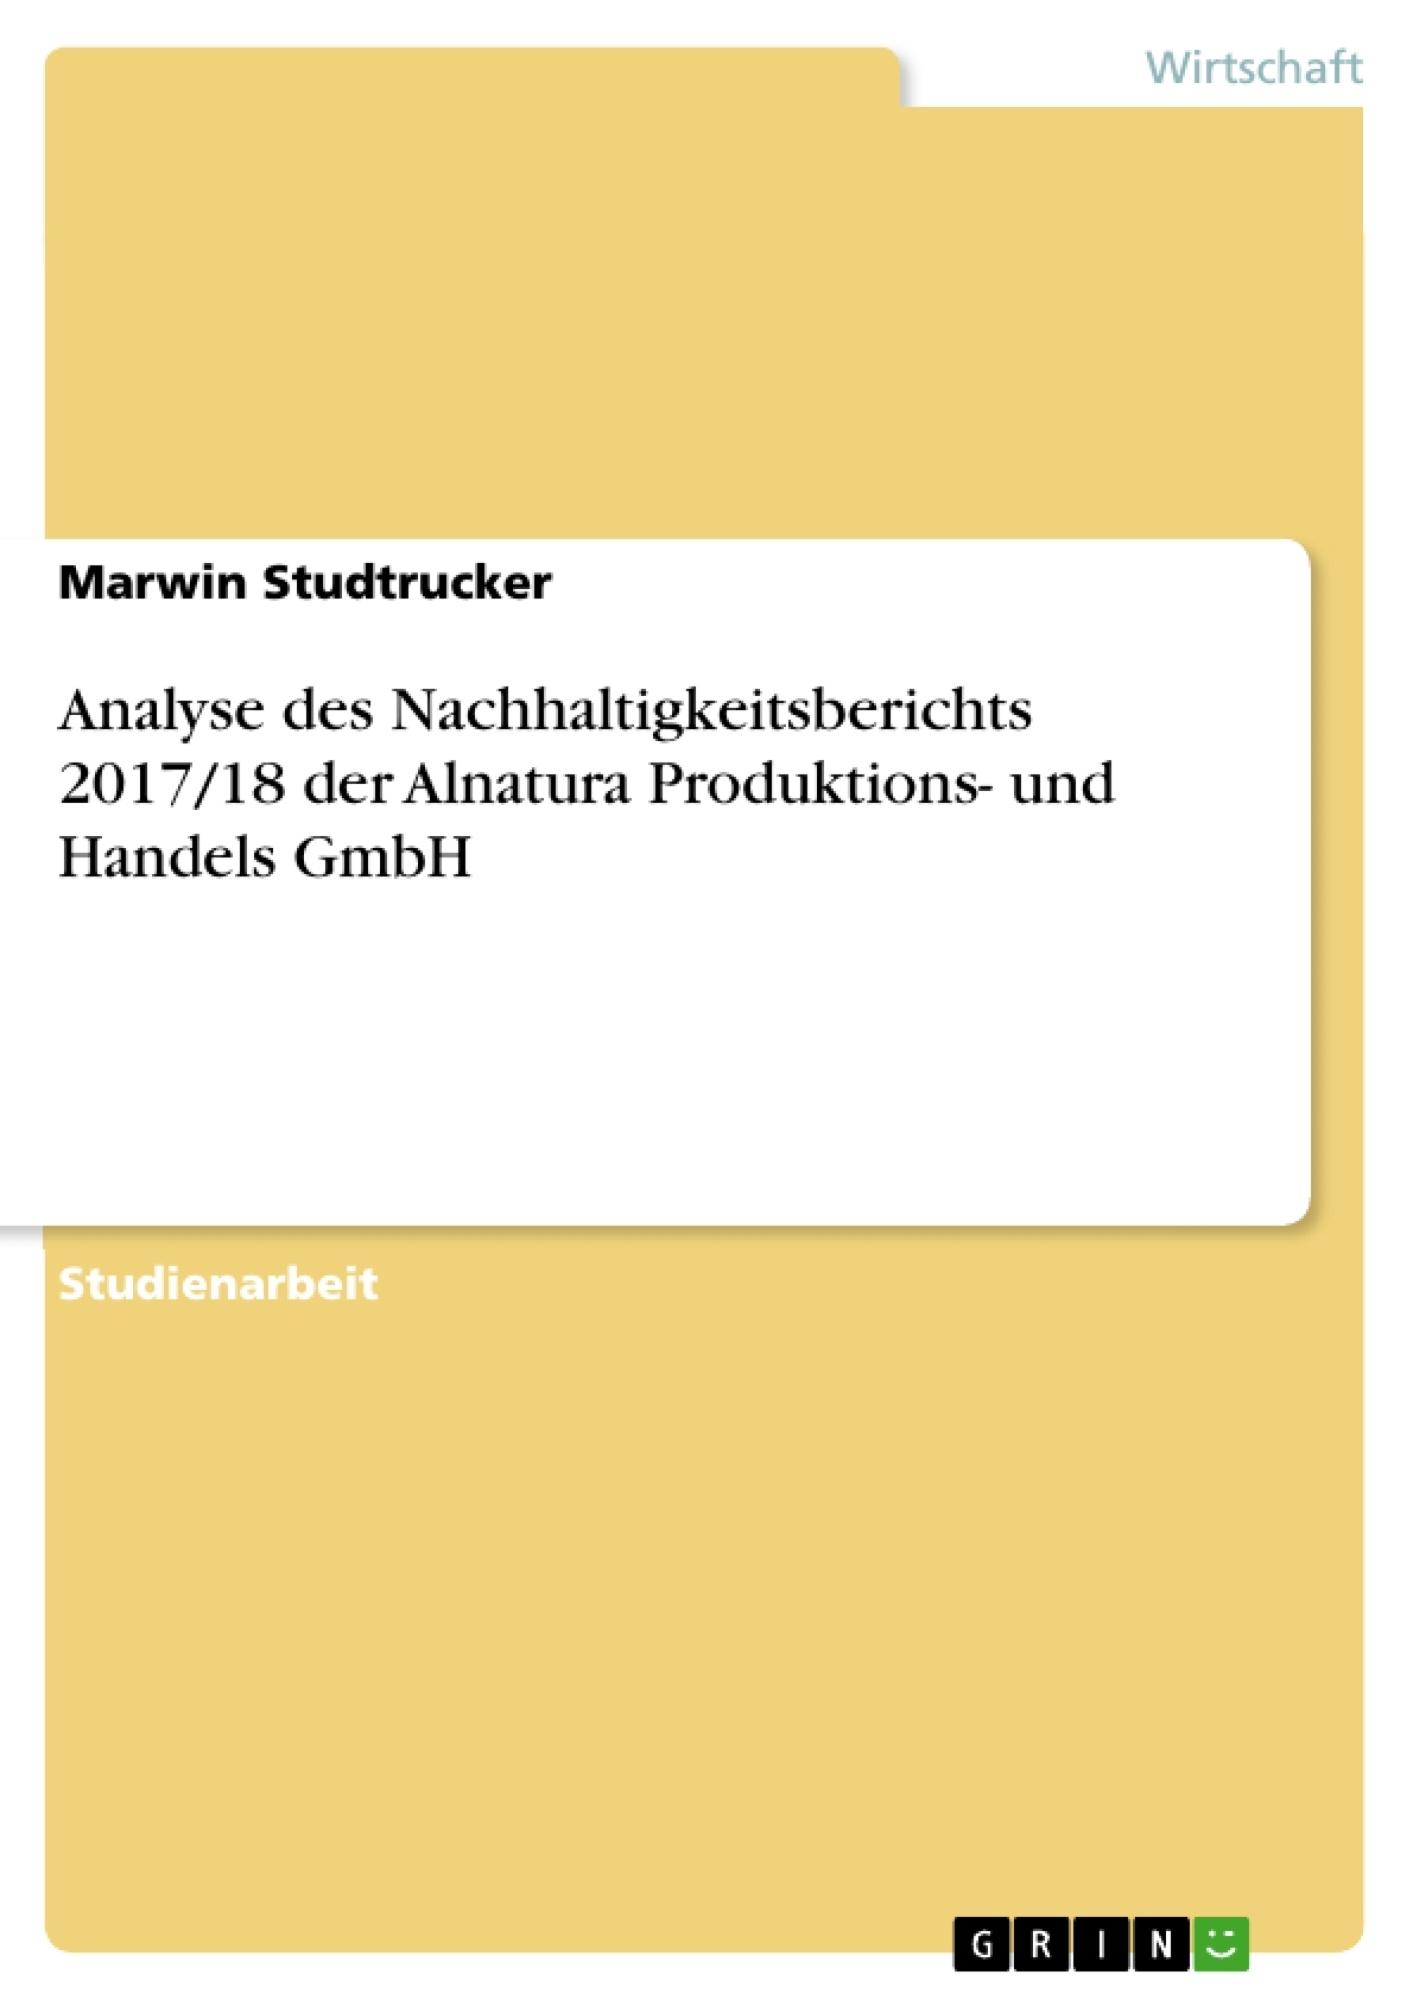 Titel: Analyse des Nachhaltigkeitsberichts 2017/18 der Alnatura Produktions- und Handels GmbH